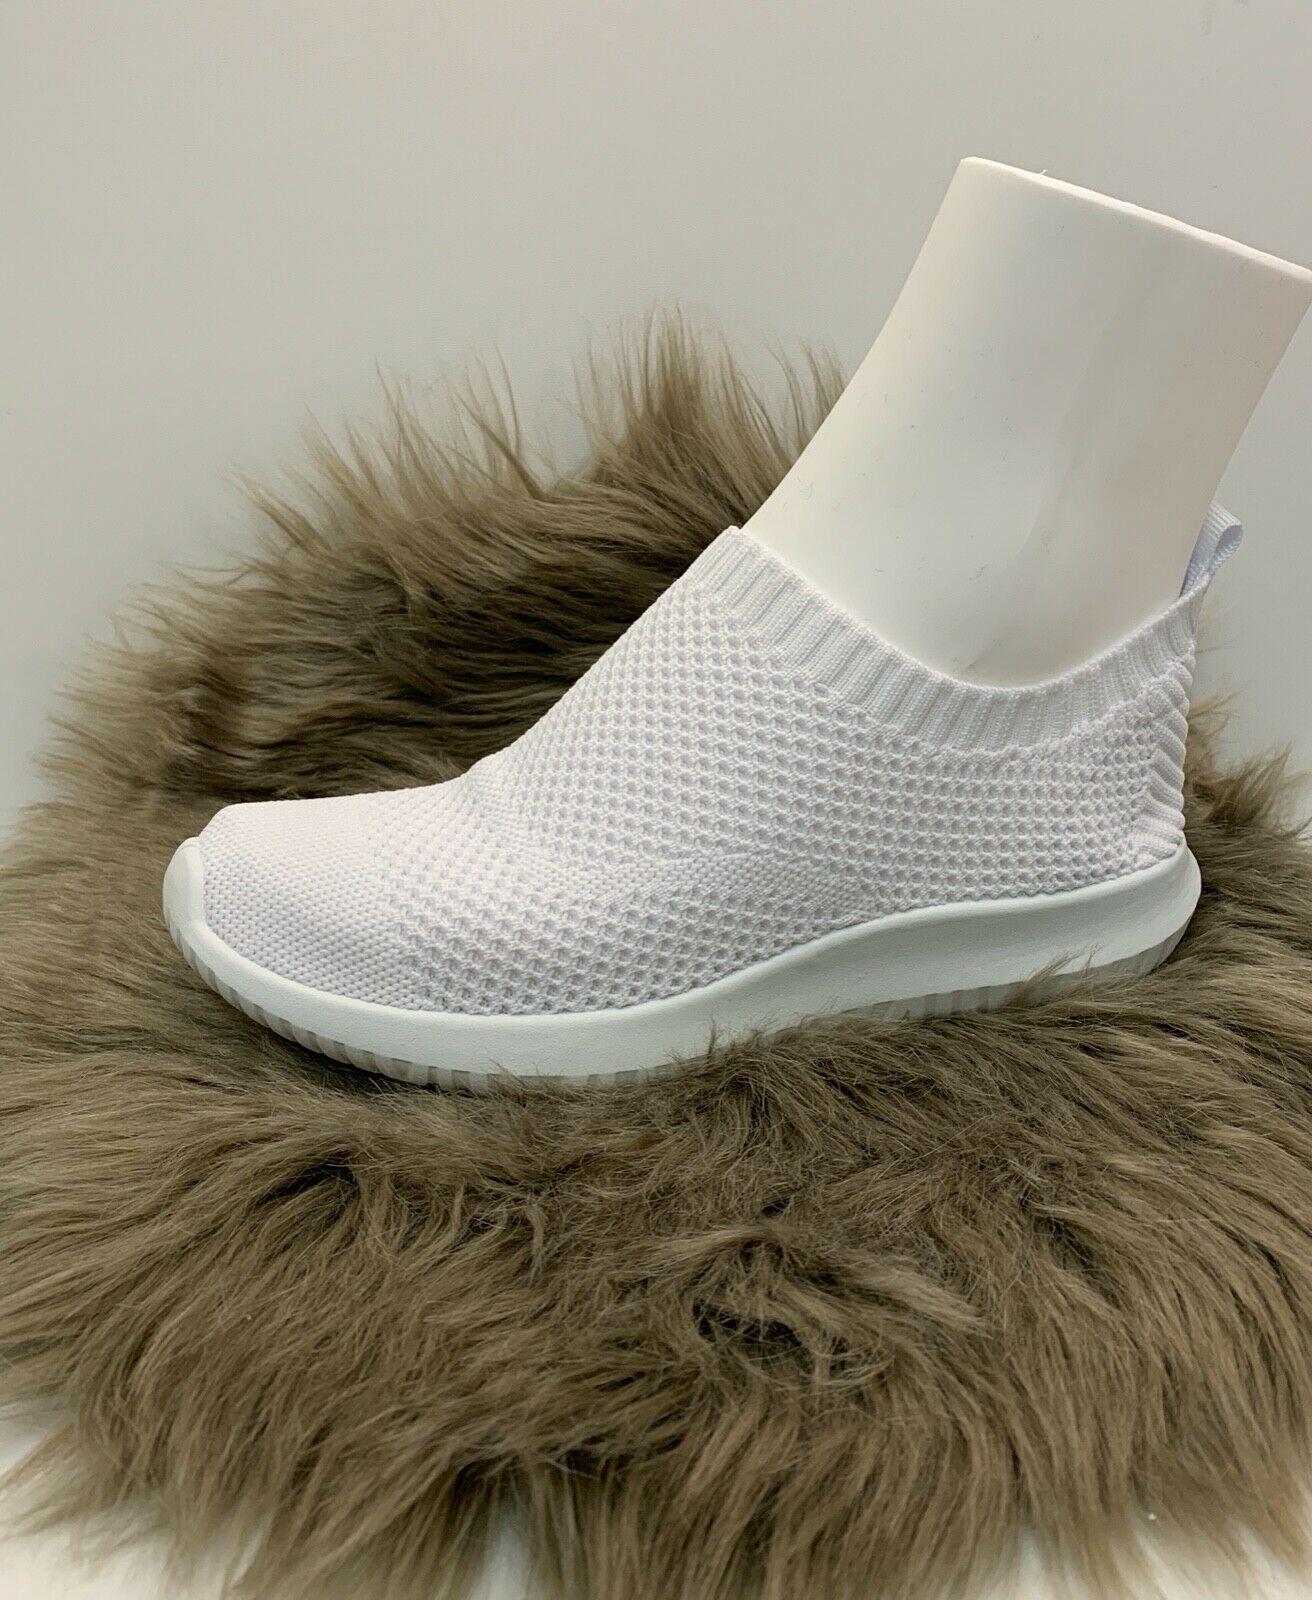 Damen Netz Sneaker weiß mit weißer Sohle NEU Gr. 37-41